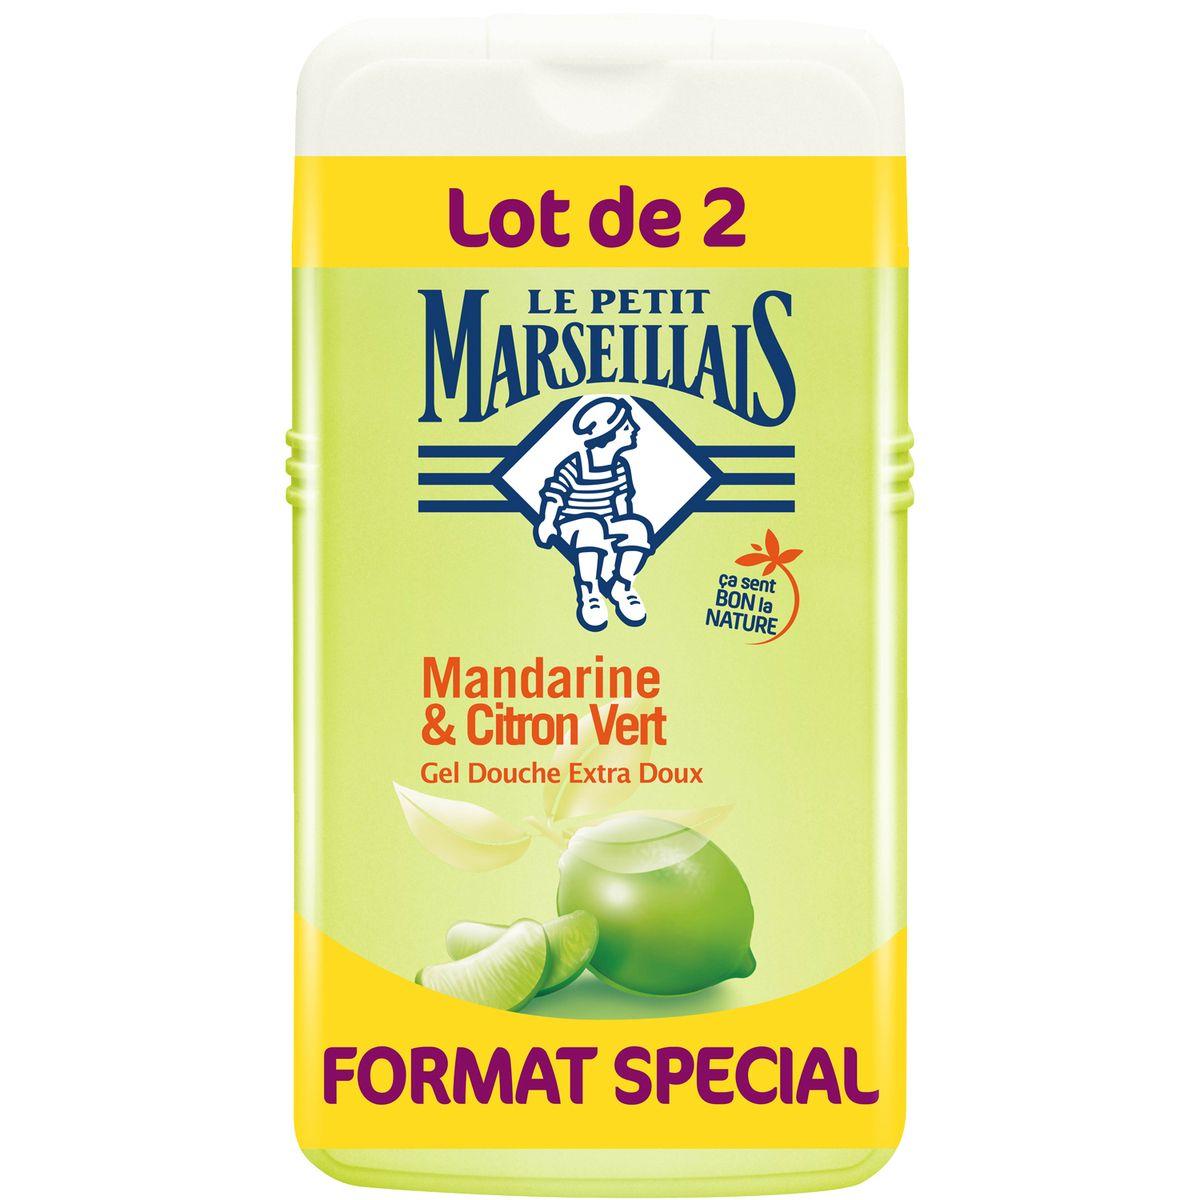 Gel douche extra doux mandarine et citron vert, Le Petit Marseillais LOT DE 2 (2 x 250 ml)